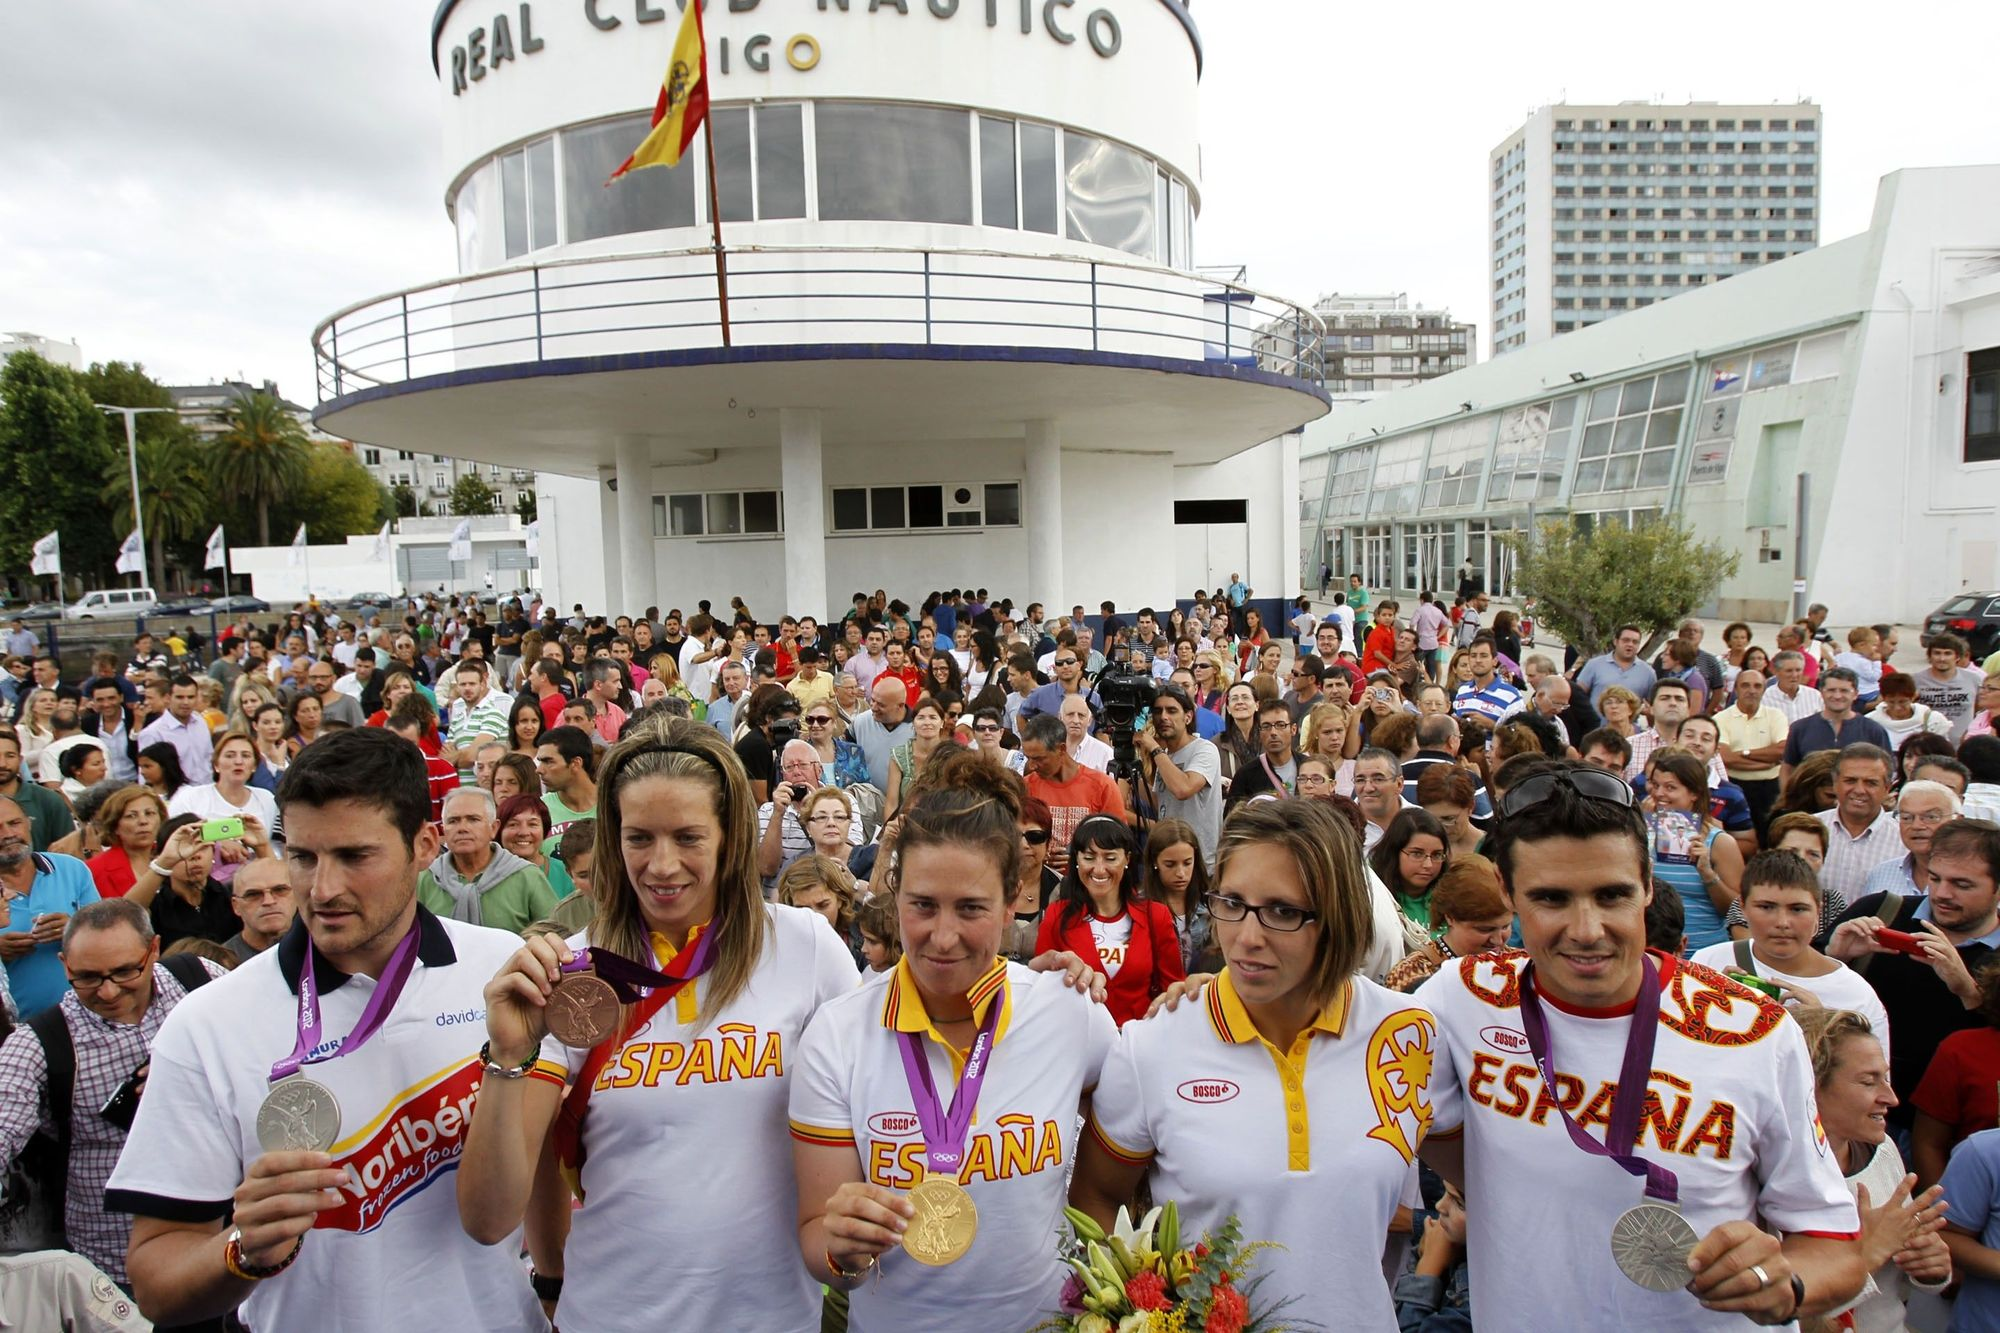 Recepción en Vigo a los olímpicos gallegos tras los Juegos de Londres 2012. Portela posa junto a David Cal, Gómez Noya, Begoña Fernández y Támara Echegoyen.